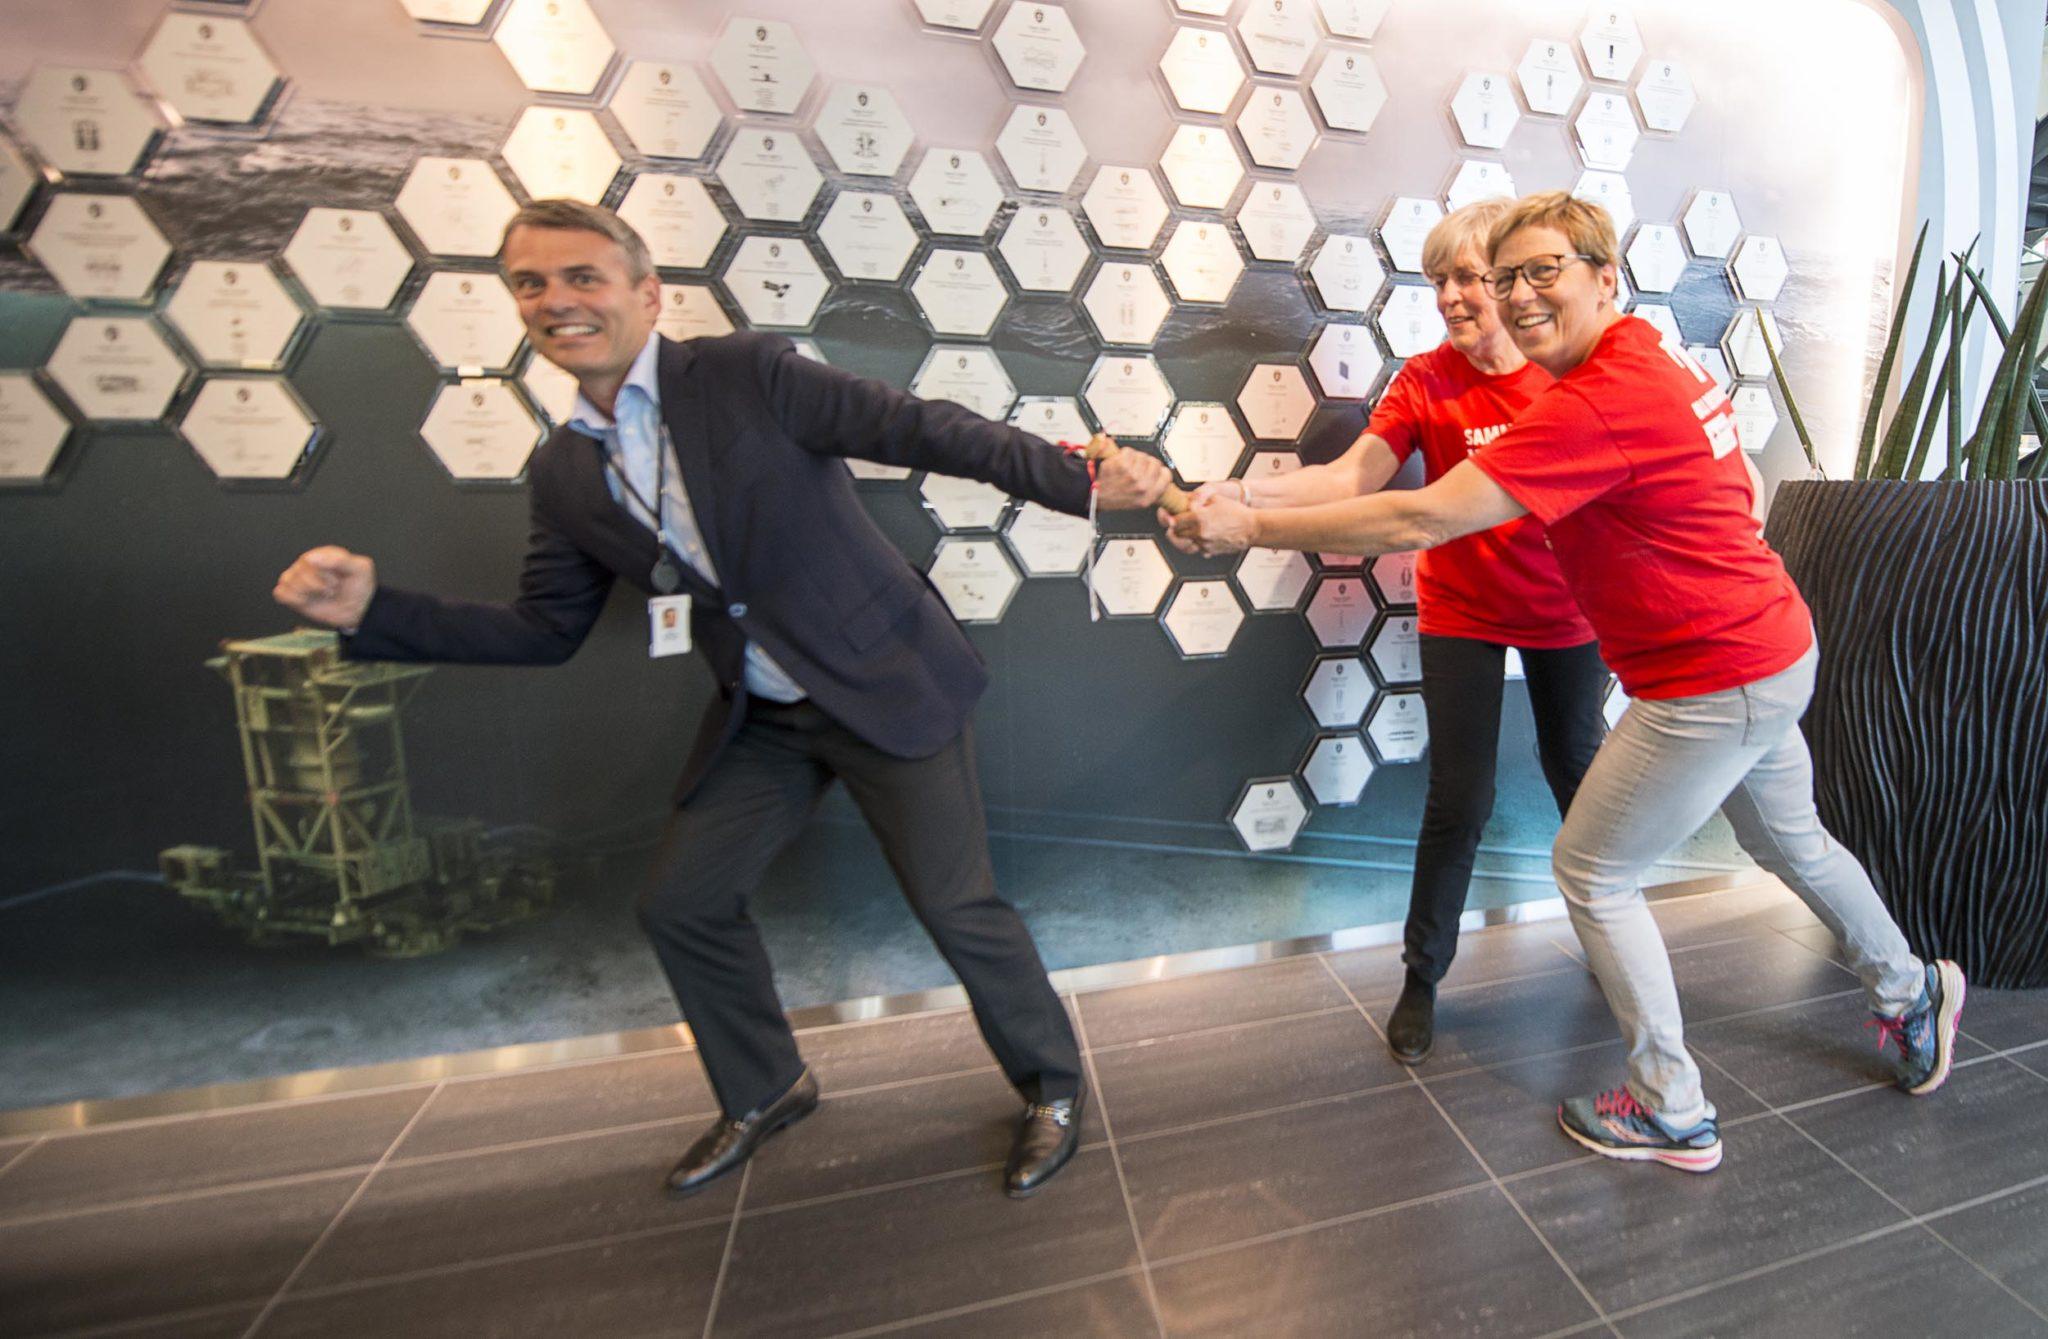 Administrerende direktør Rune Thoresen i FMC Kongsberg Subsea får stafettpinnen av Anne-Jenny Archer og Berit Kleven. Foto: Bjørn Isaksen